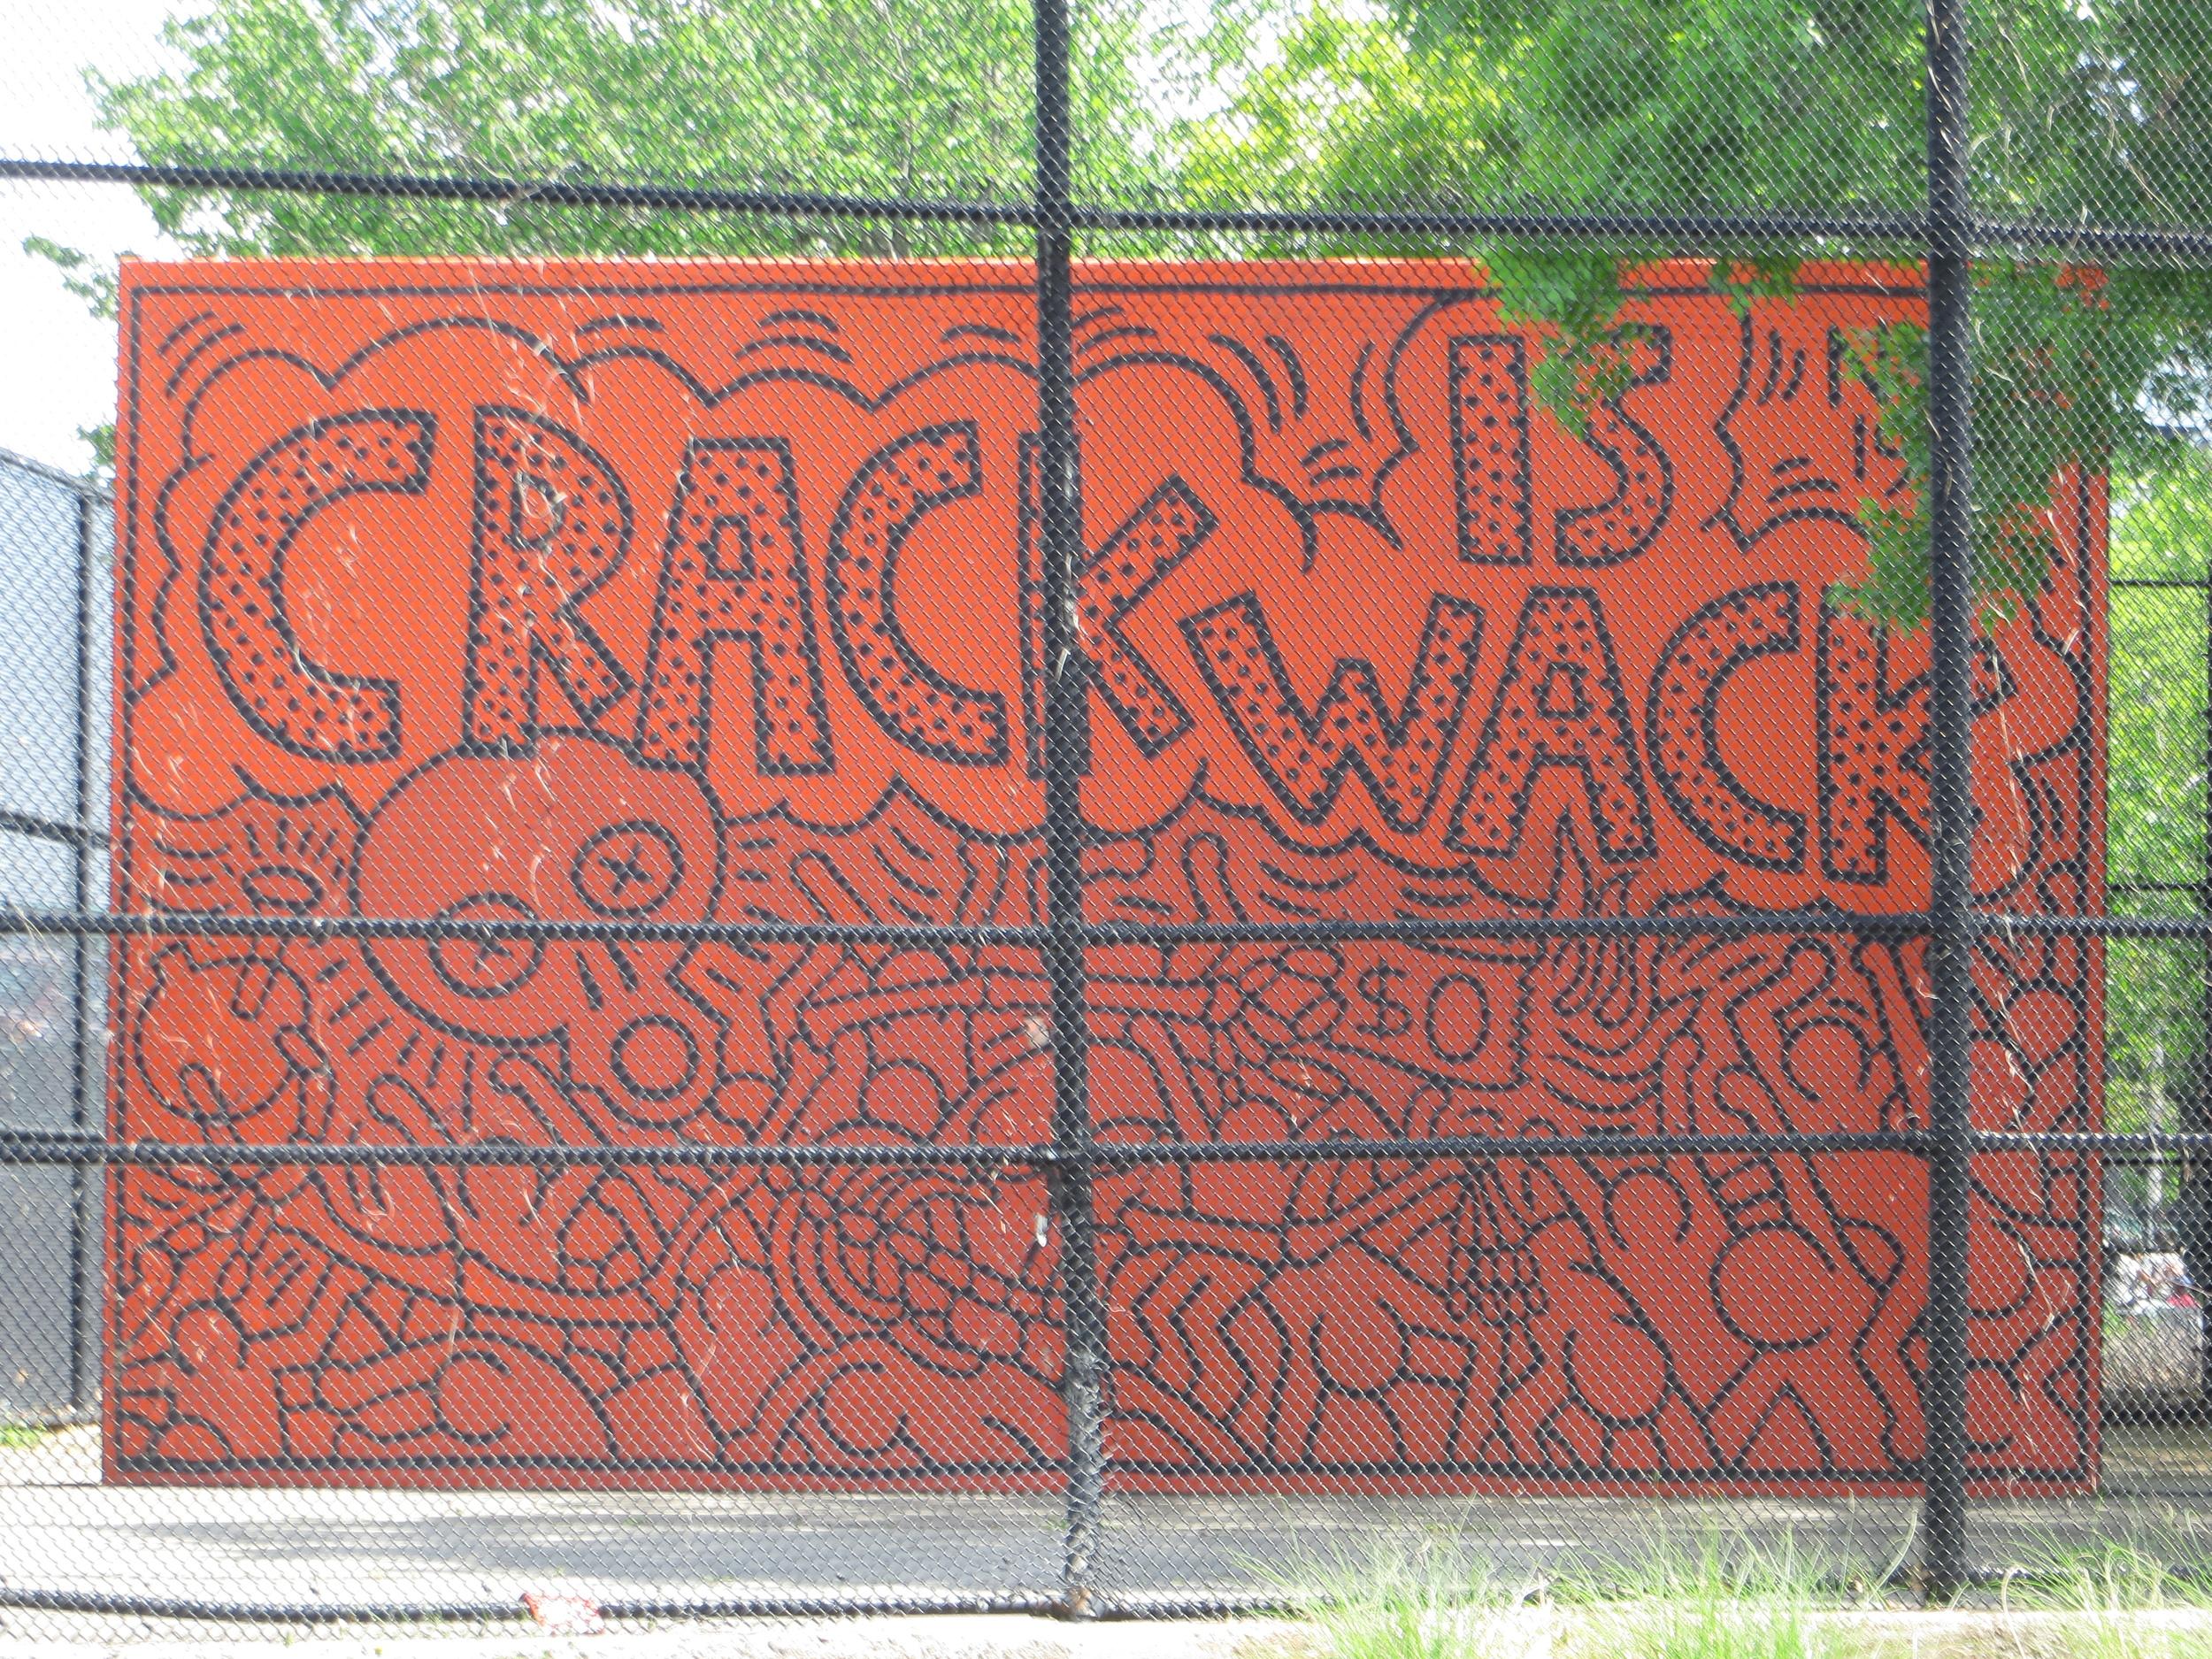 Crack is Wack Mural (1986)